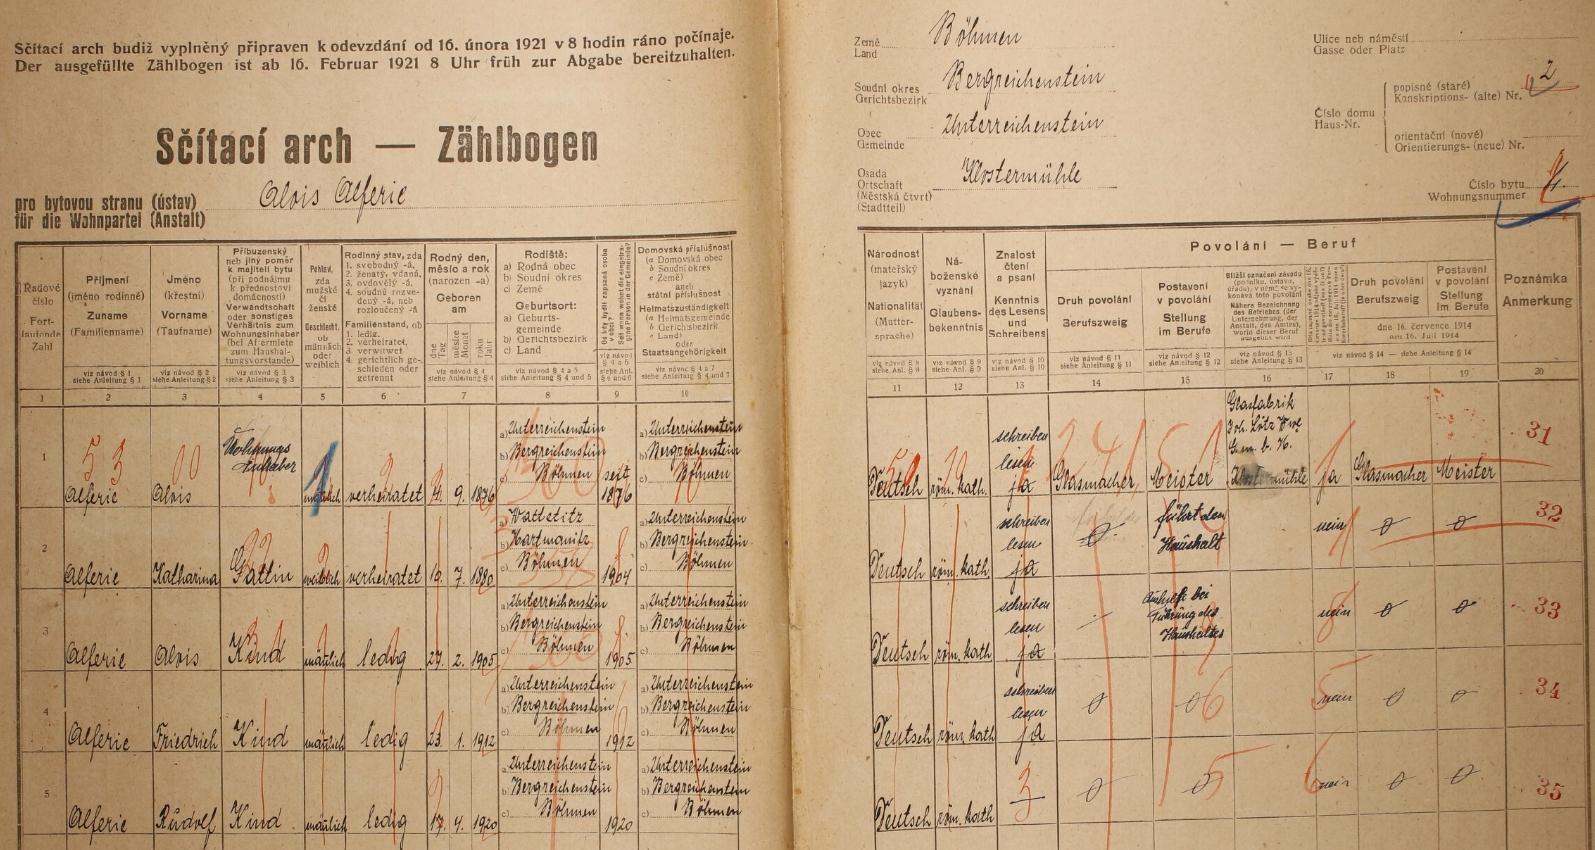 """Arch sčítání lidu z roku 1921 pro dům čp. 2 v Klášterském Mlýně s rodinou """"Alferie"""" a také s ním"""